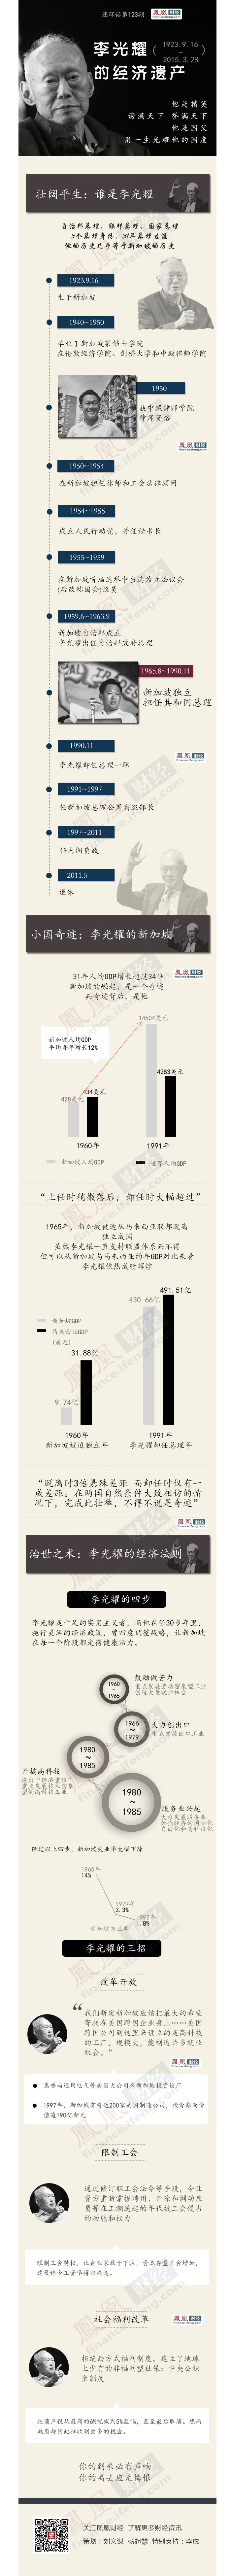 让新加坡GDP增34倍 李光耀的经济遗产 - li-han163 - 李 晗